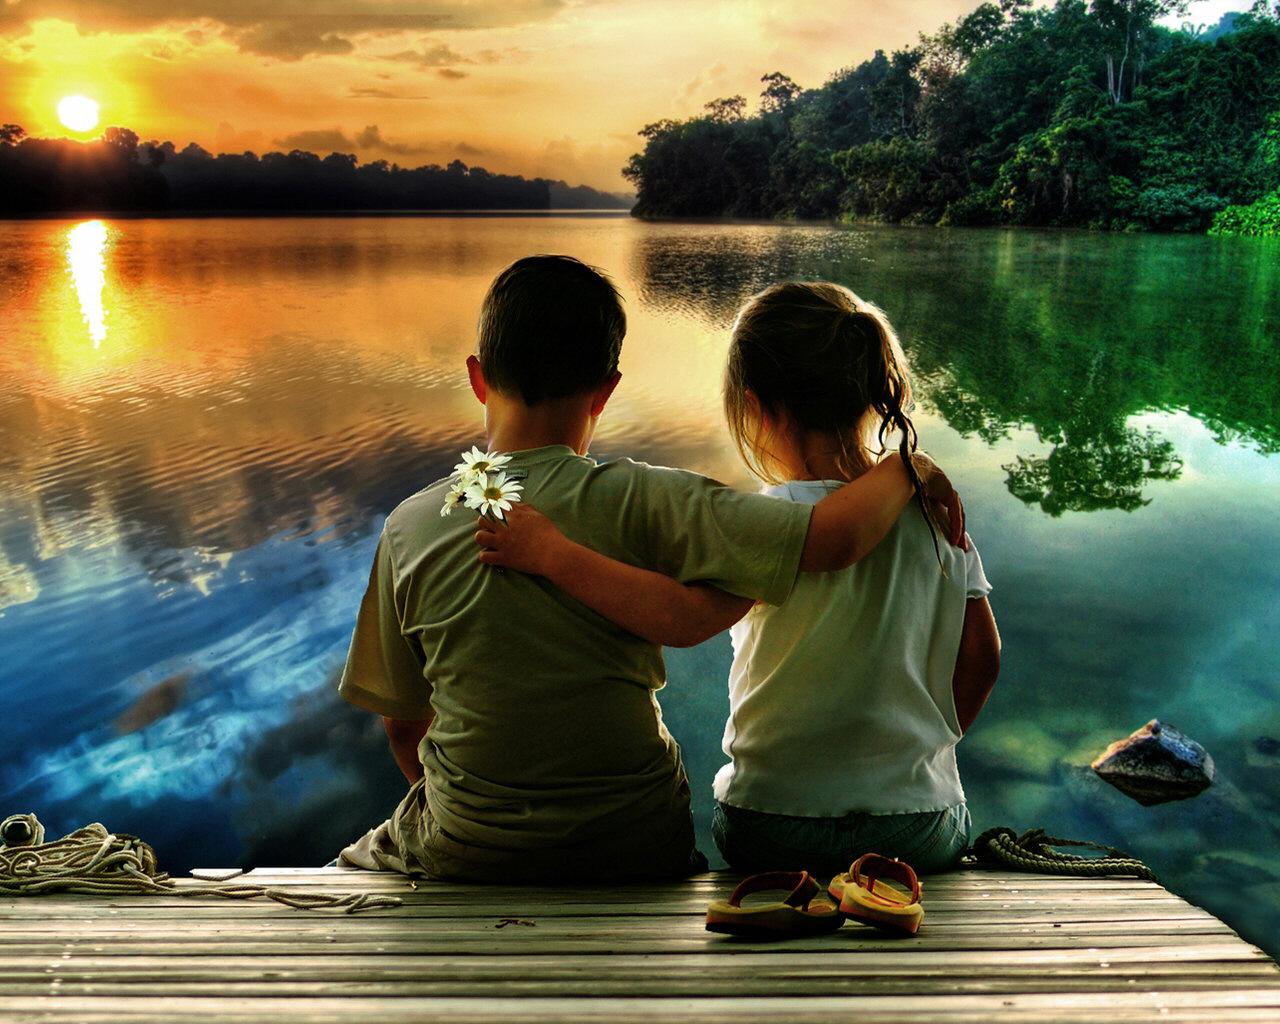 красивые картинки про любовь большие: